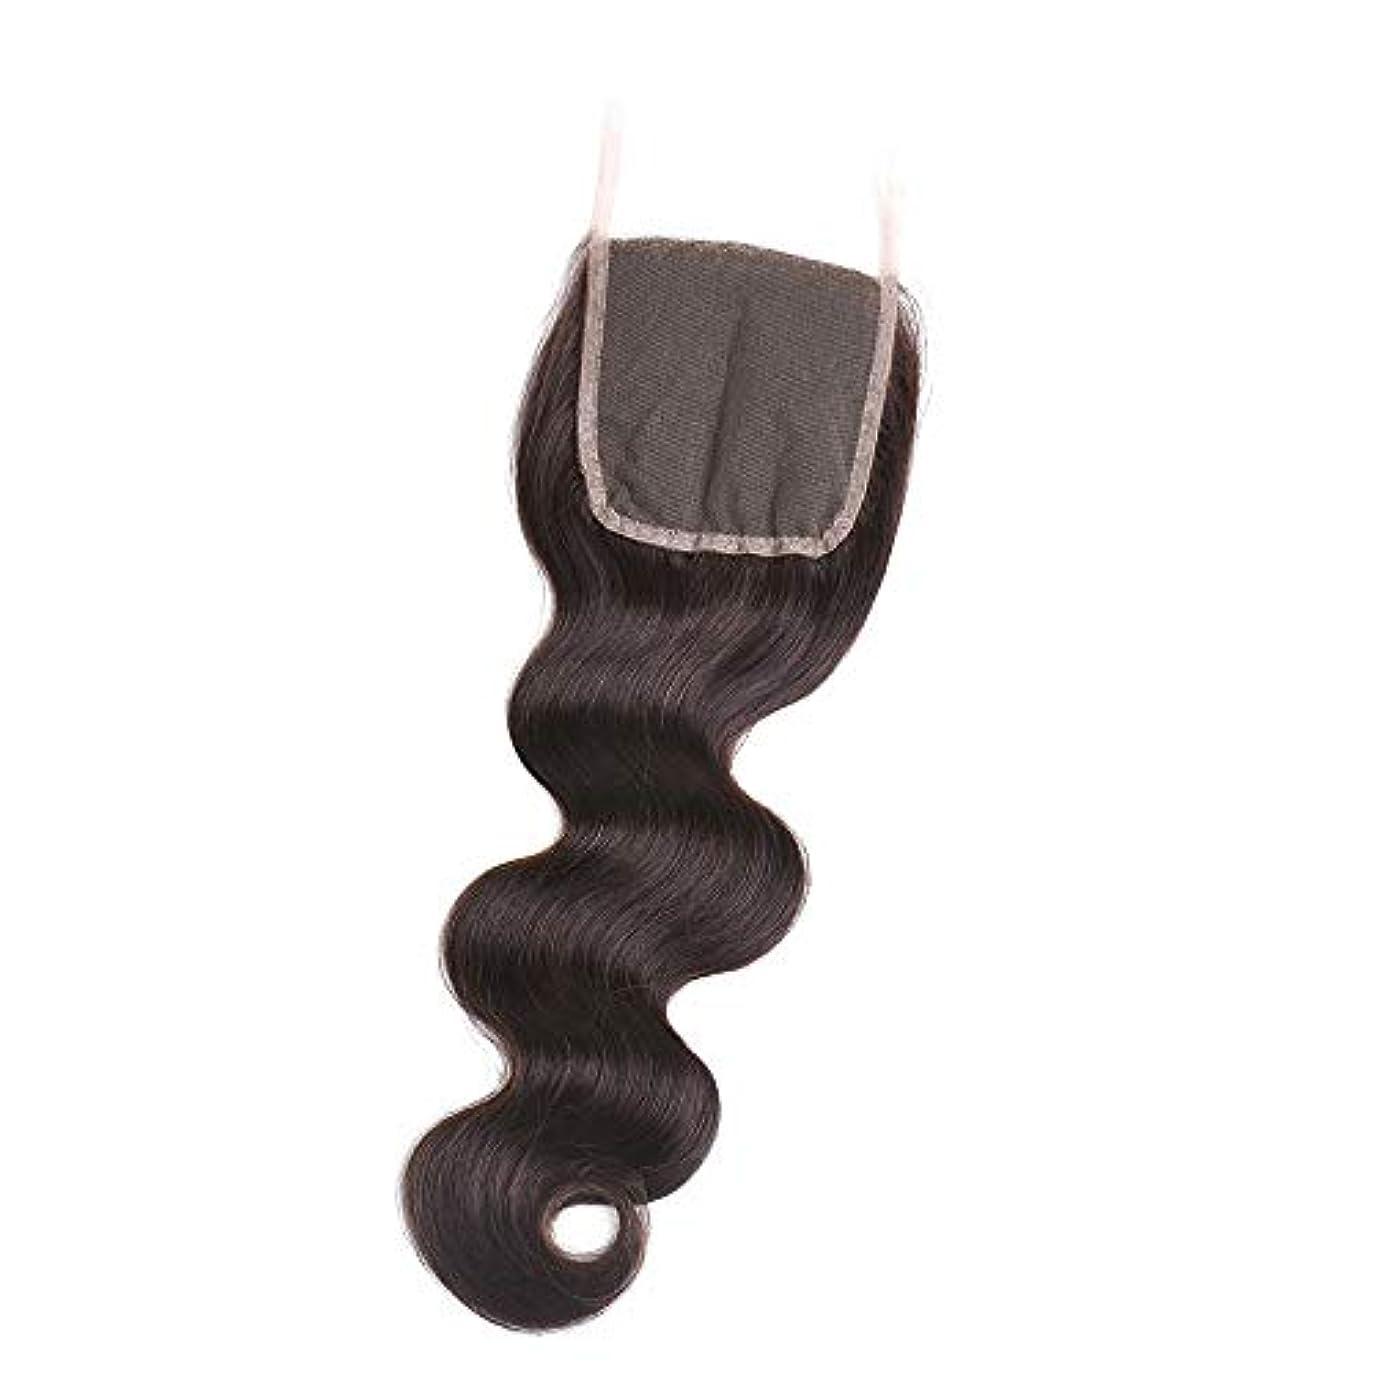 毎回持つ謝るHOHYLLYA フリーパート4×4インチ実体波レース前頭閉鎖ブラジル人間の髪の毛ロールプレイングかつら女性の自然なかつら (色 : 黒, サイズ : 18 inch)